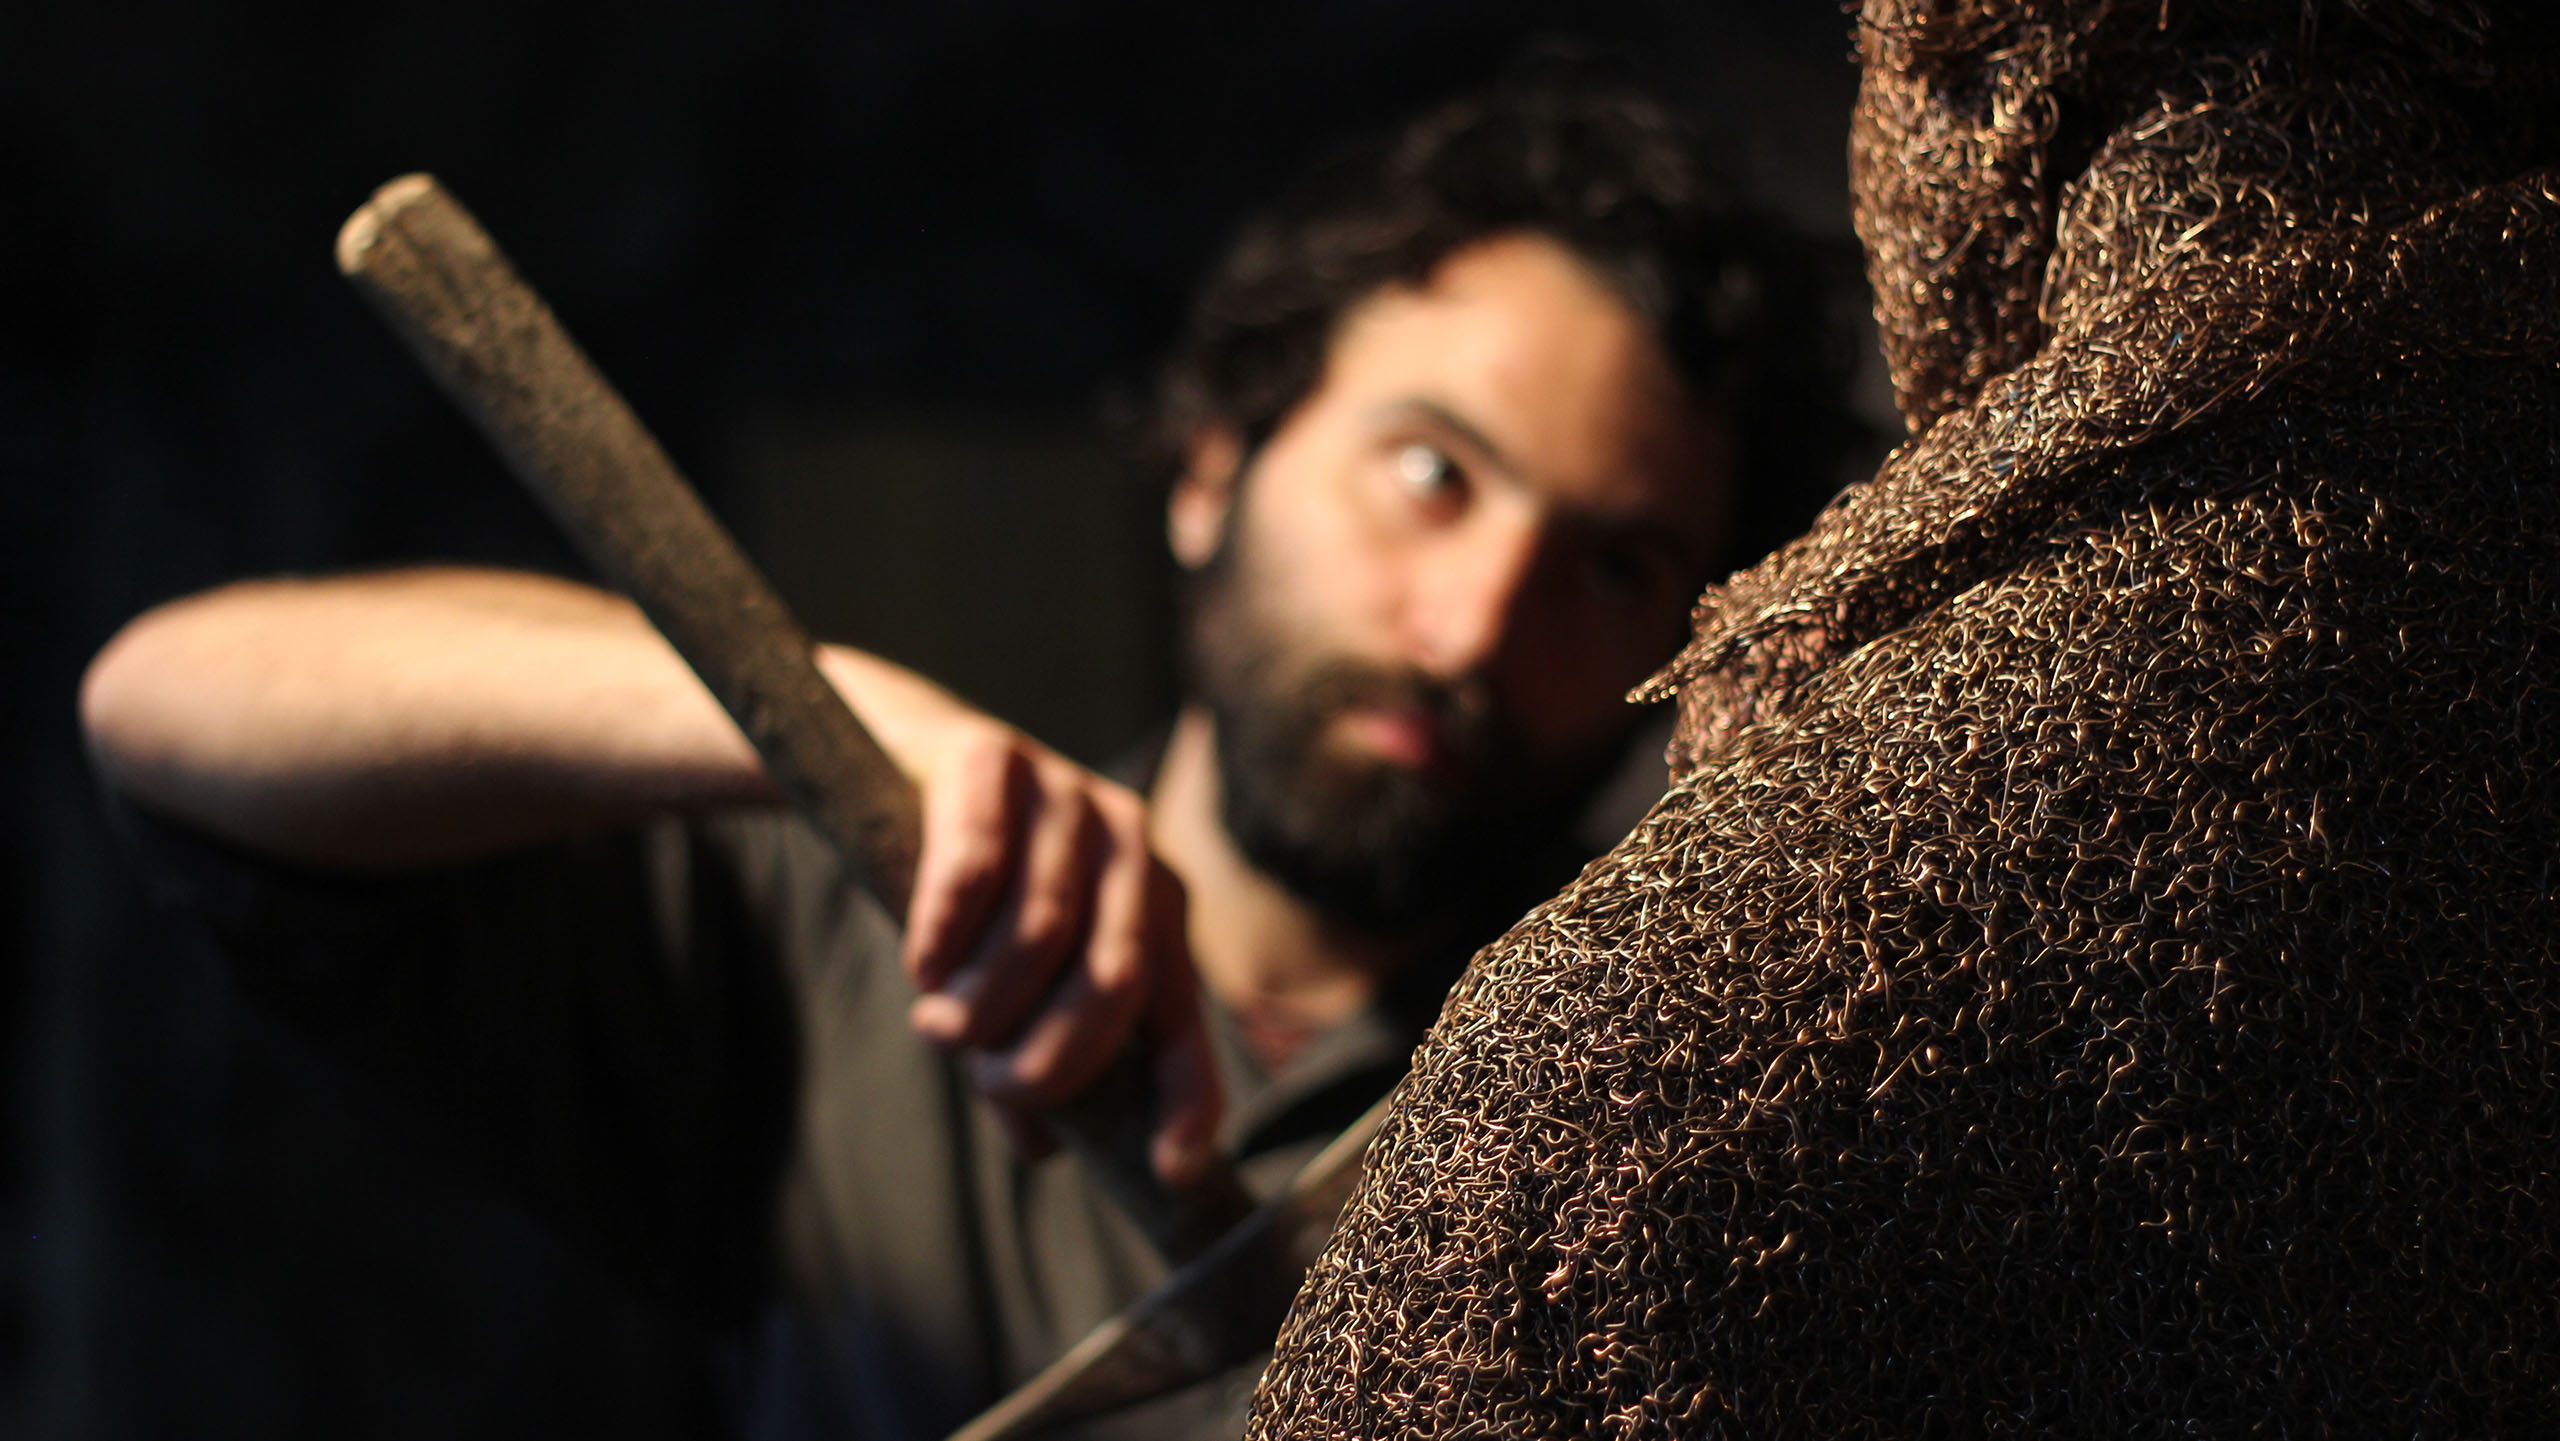 mattia-trotta-artista-scultore-arte-sacra-sculture-su-commissione-in-filo-metallico-ferro-bronzo-acciaio-alluminio-13